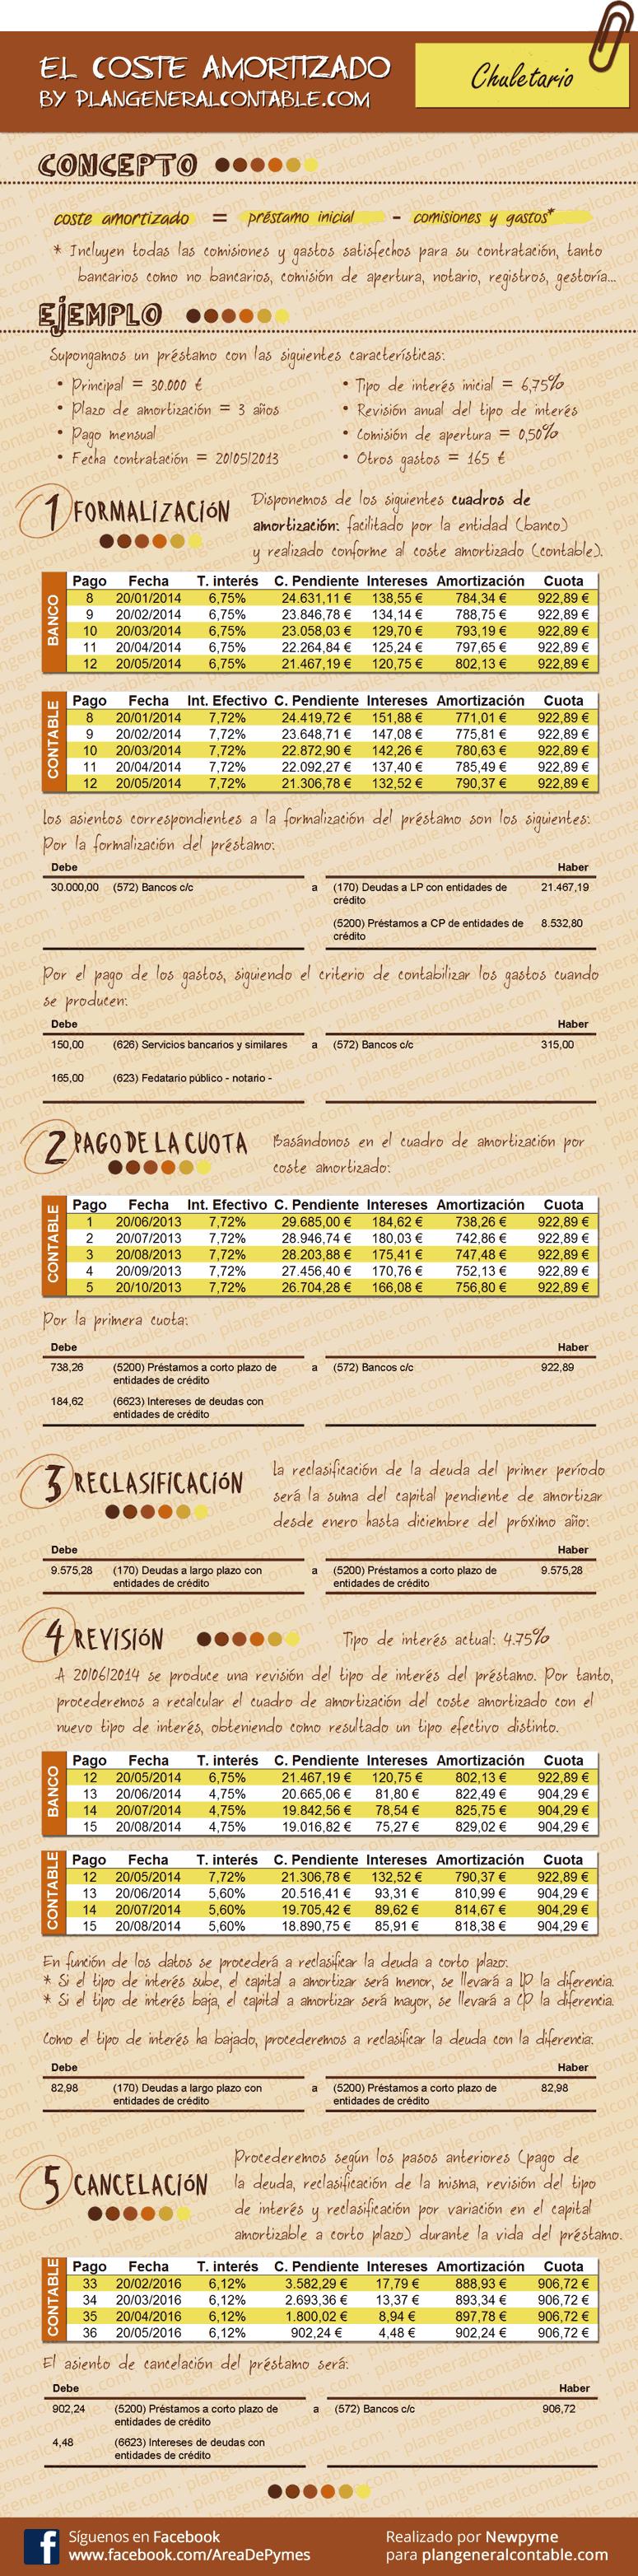 Infografia resumen contabilización de prestamos - Plan General Contable